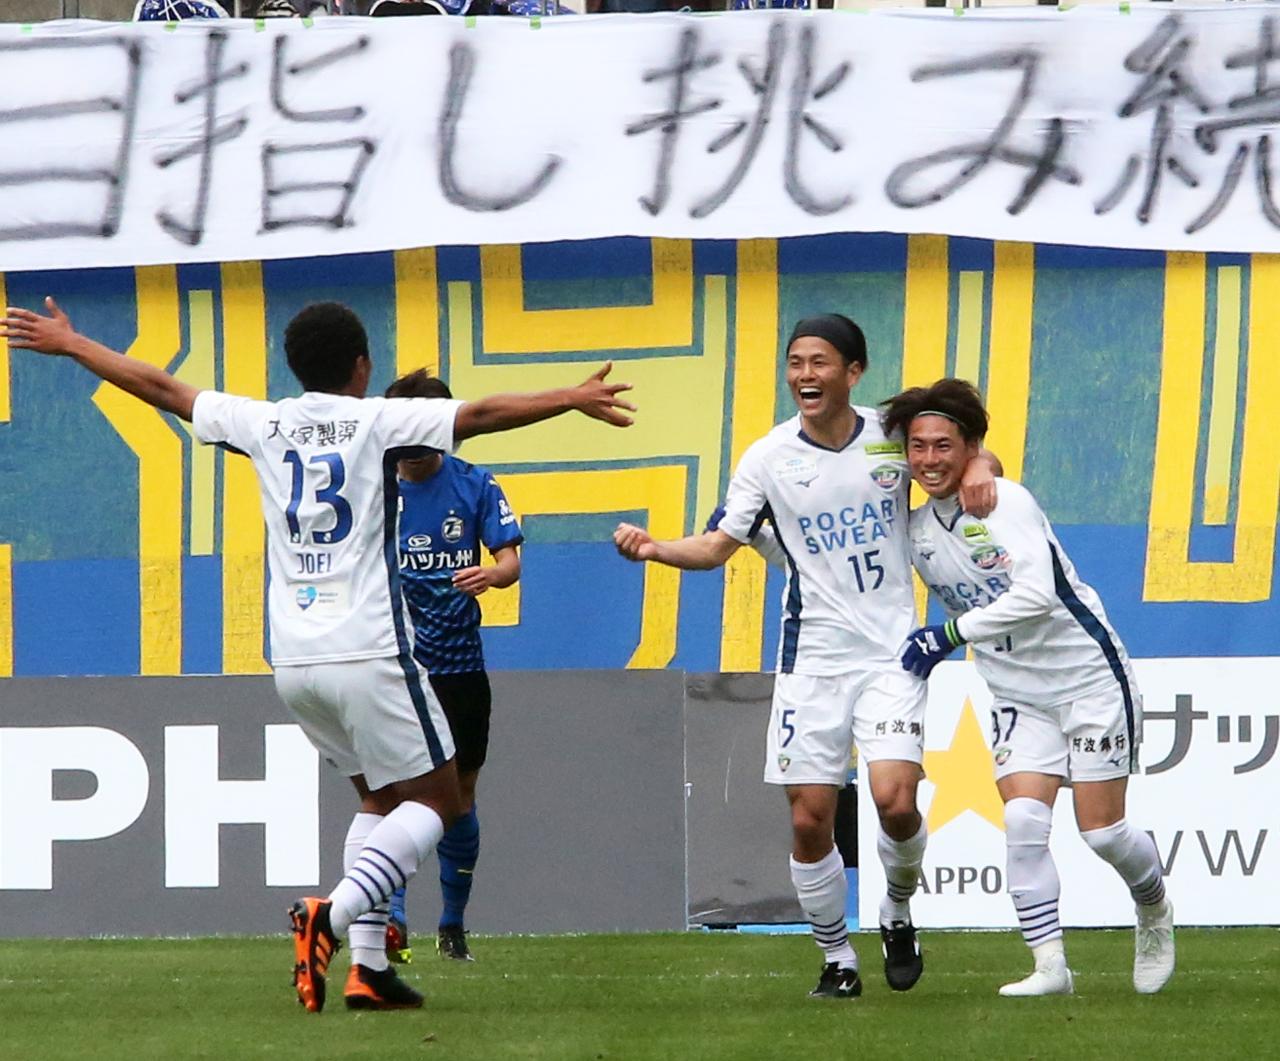 先制点を奪い喜ぶ徳島の選手たち(撮影・菊川光一)